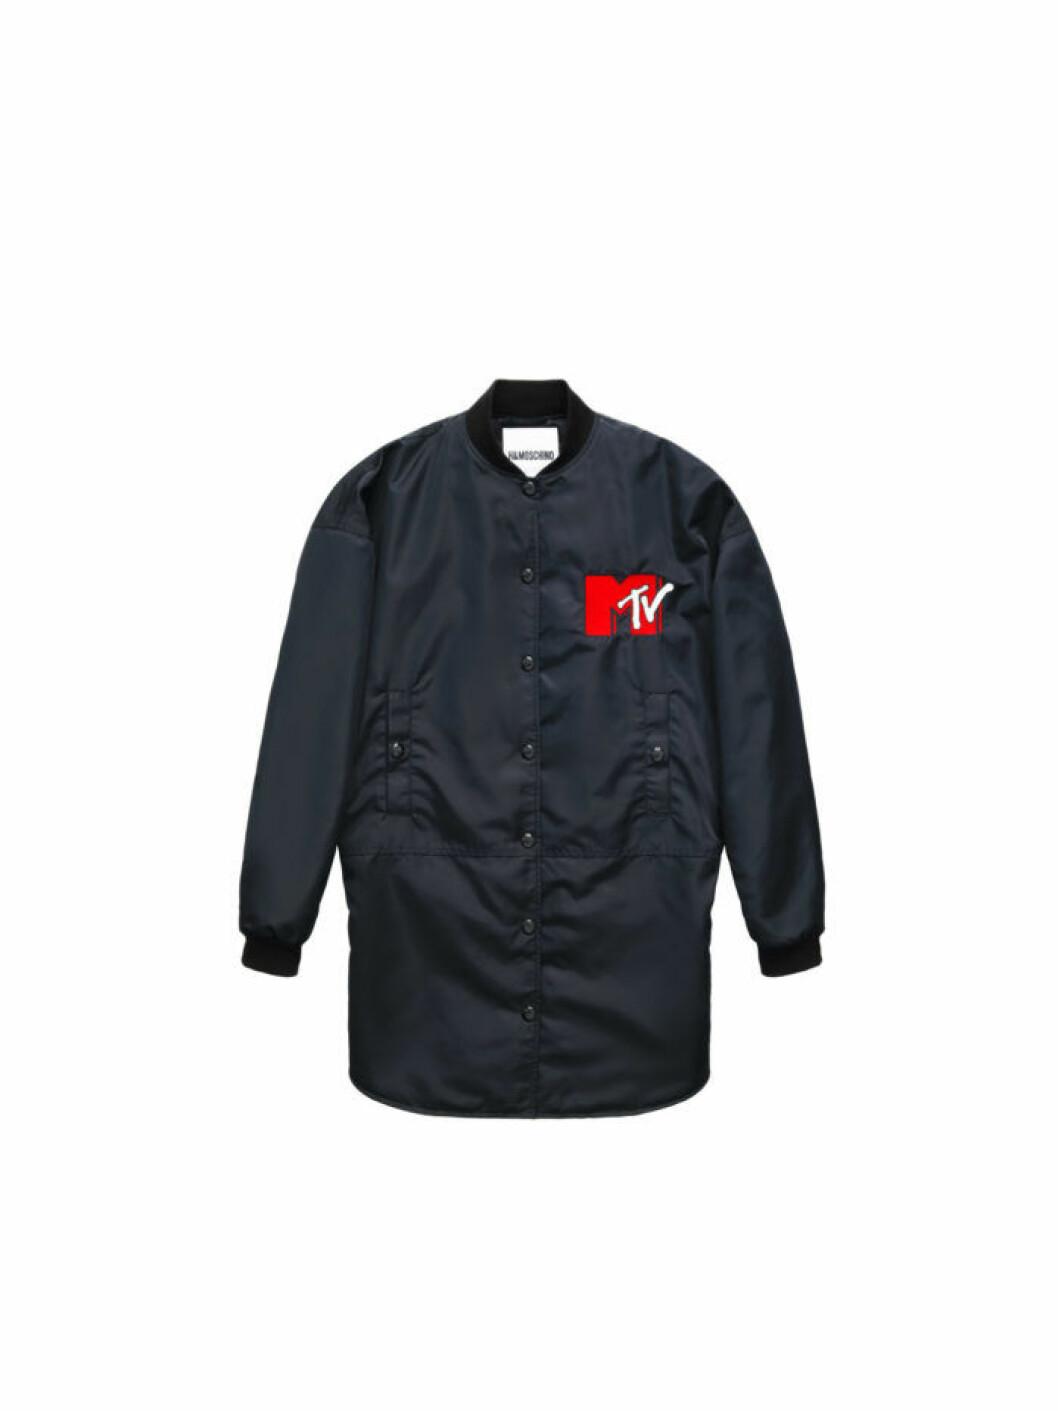 Svart lång jacka i nylon med MTV-logga Moschino [tv] H&M